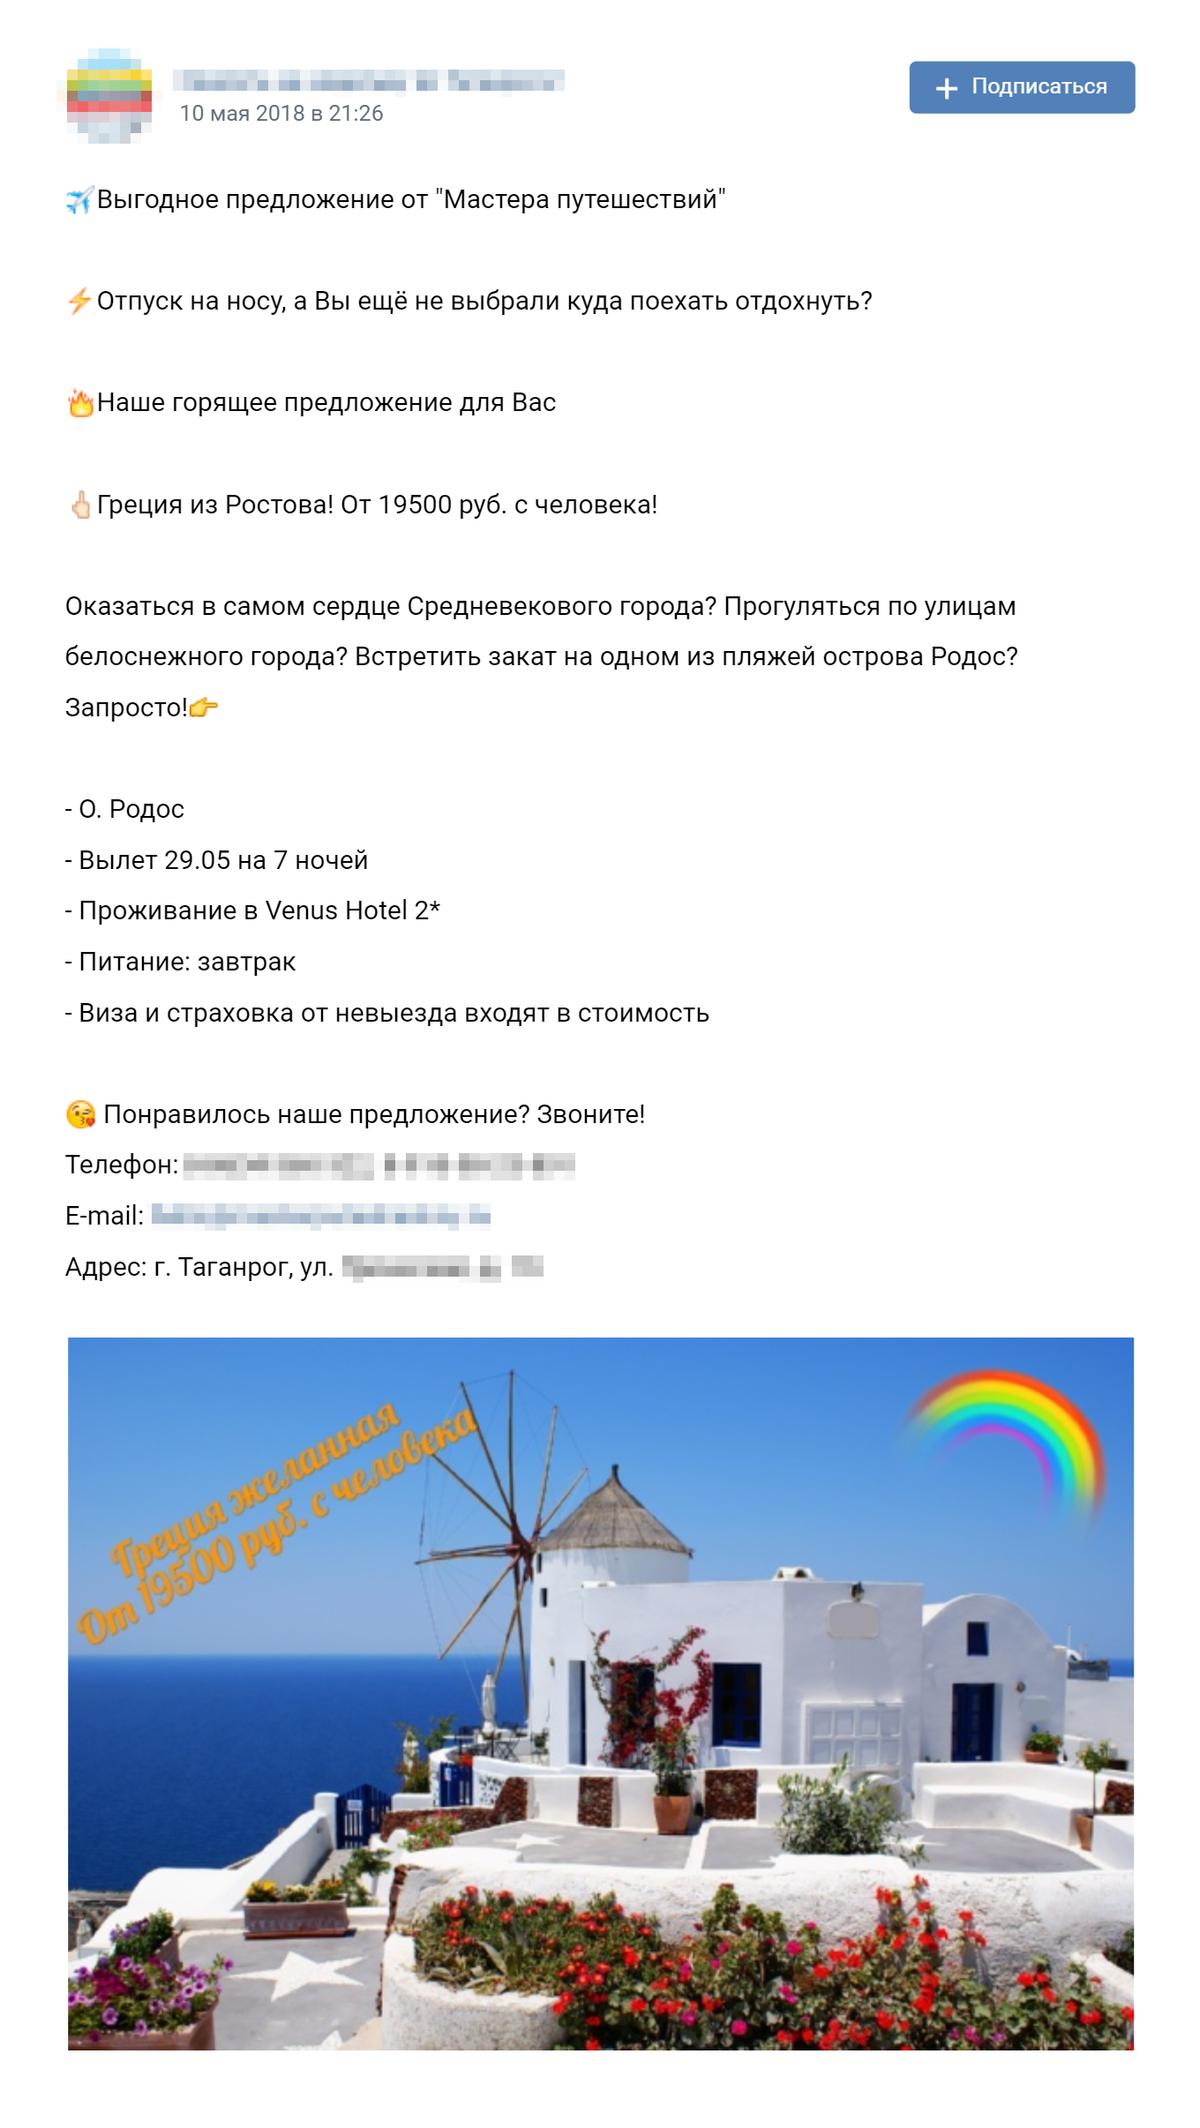 Реклама из моего сообщества во «Вконтакте» похожа на те, что я сначала постил в «Одноклассниках». Подводка, красивое фото, цена и описание, что входит в тур